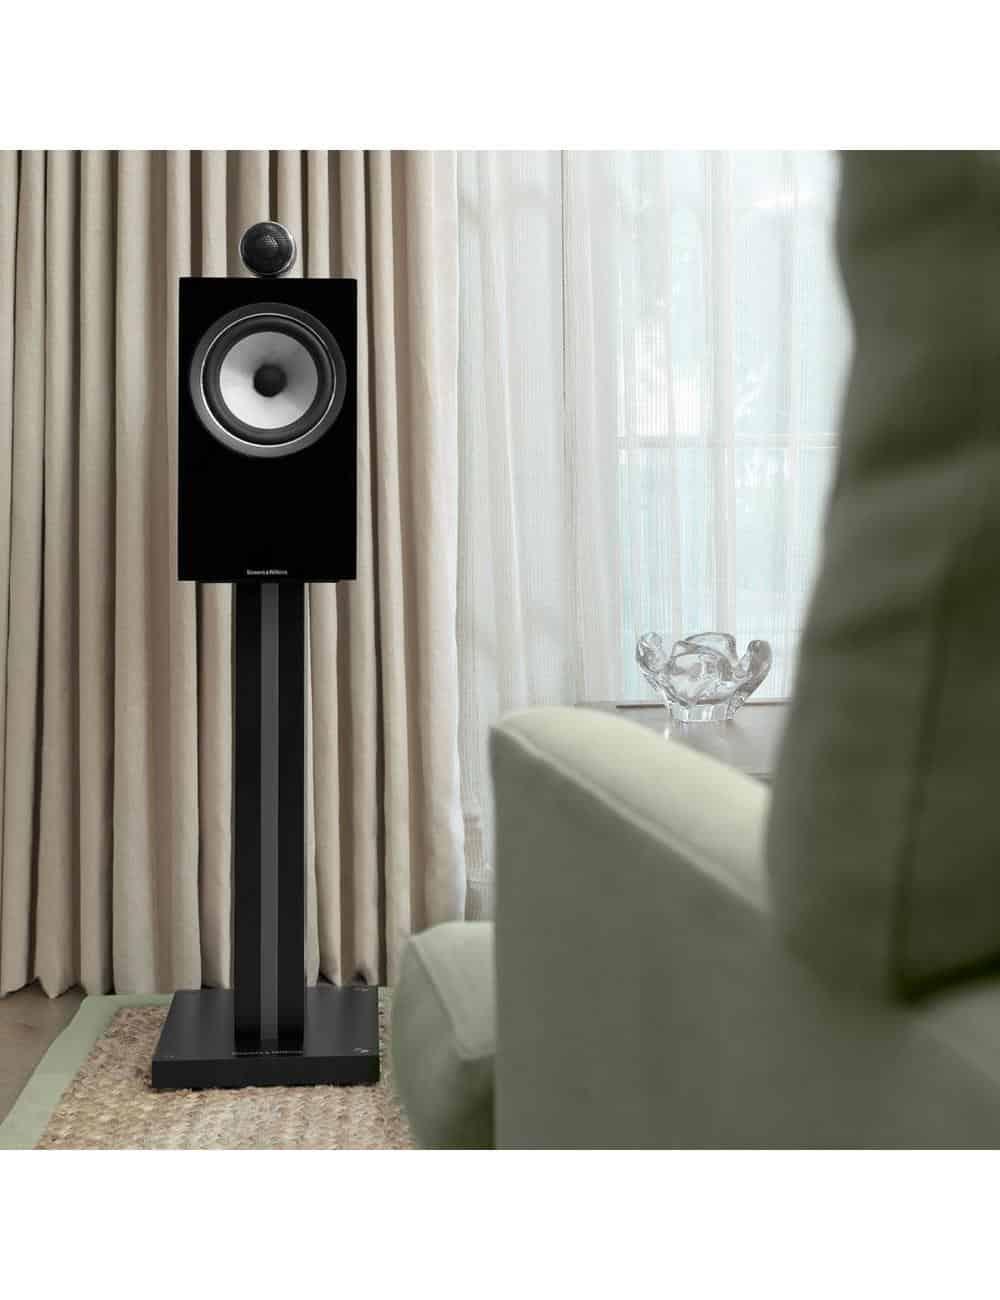 diffusori acustici da stand per hifi e home theater, Bowers & Wilkins 705, finitura nero lucido primo piano